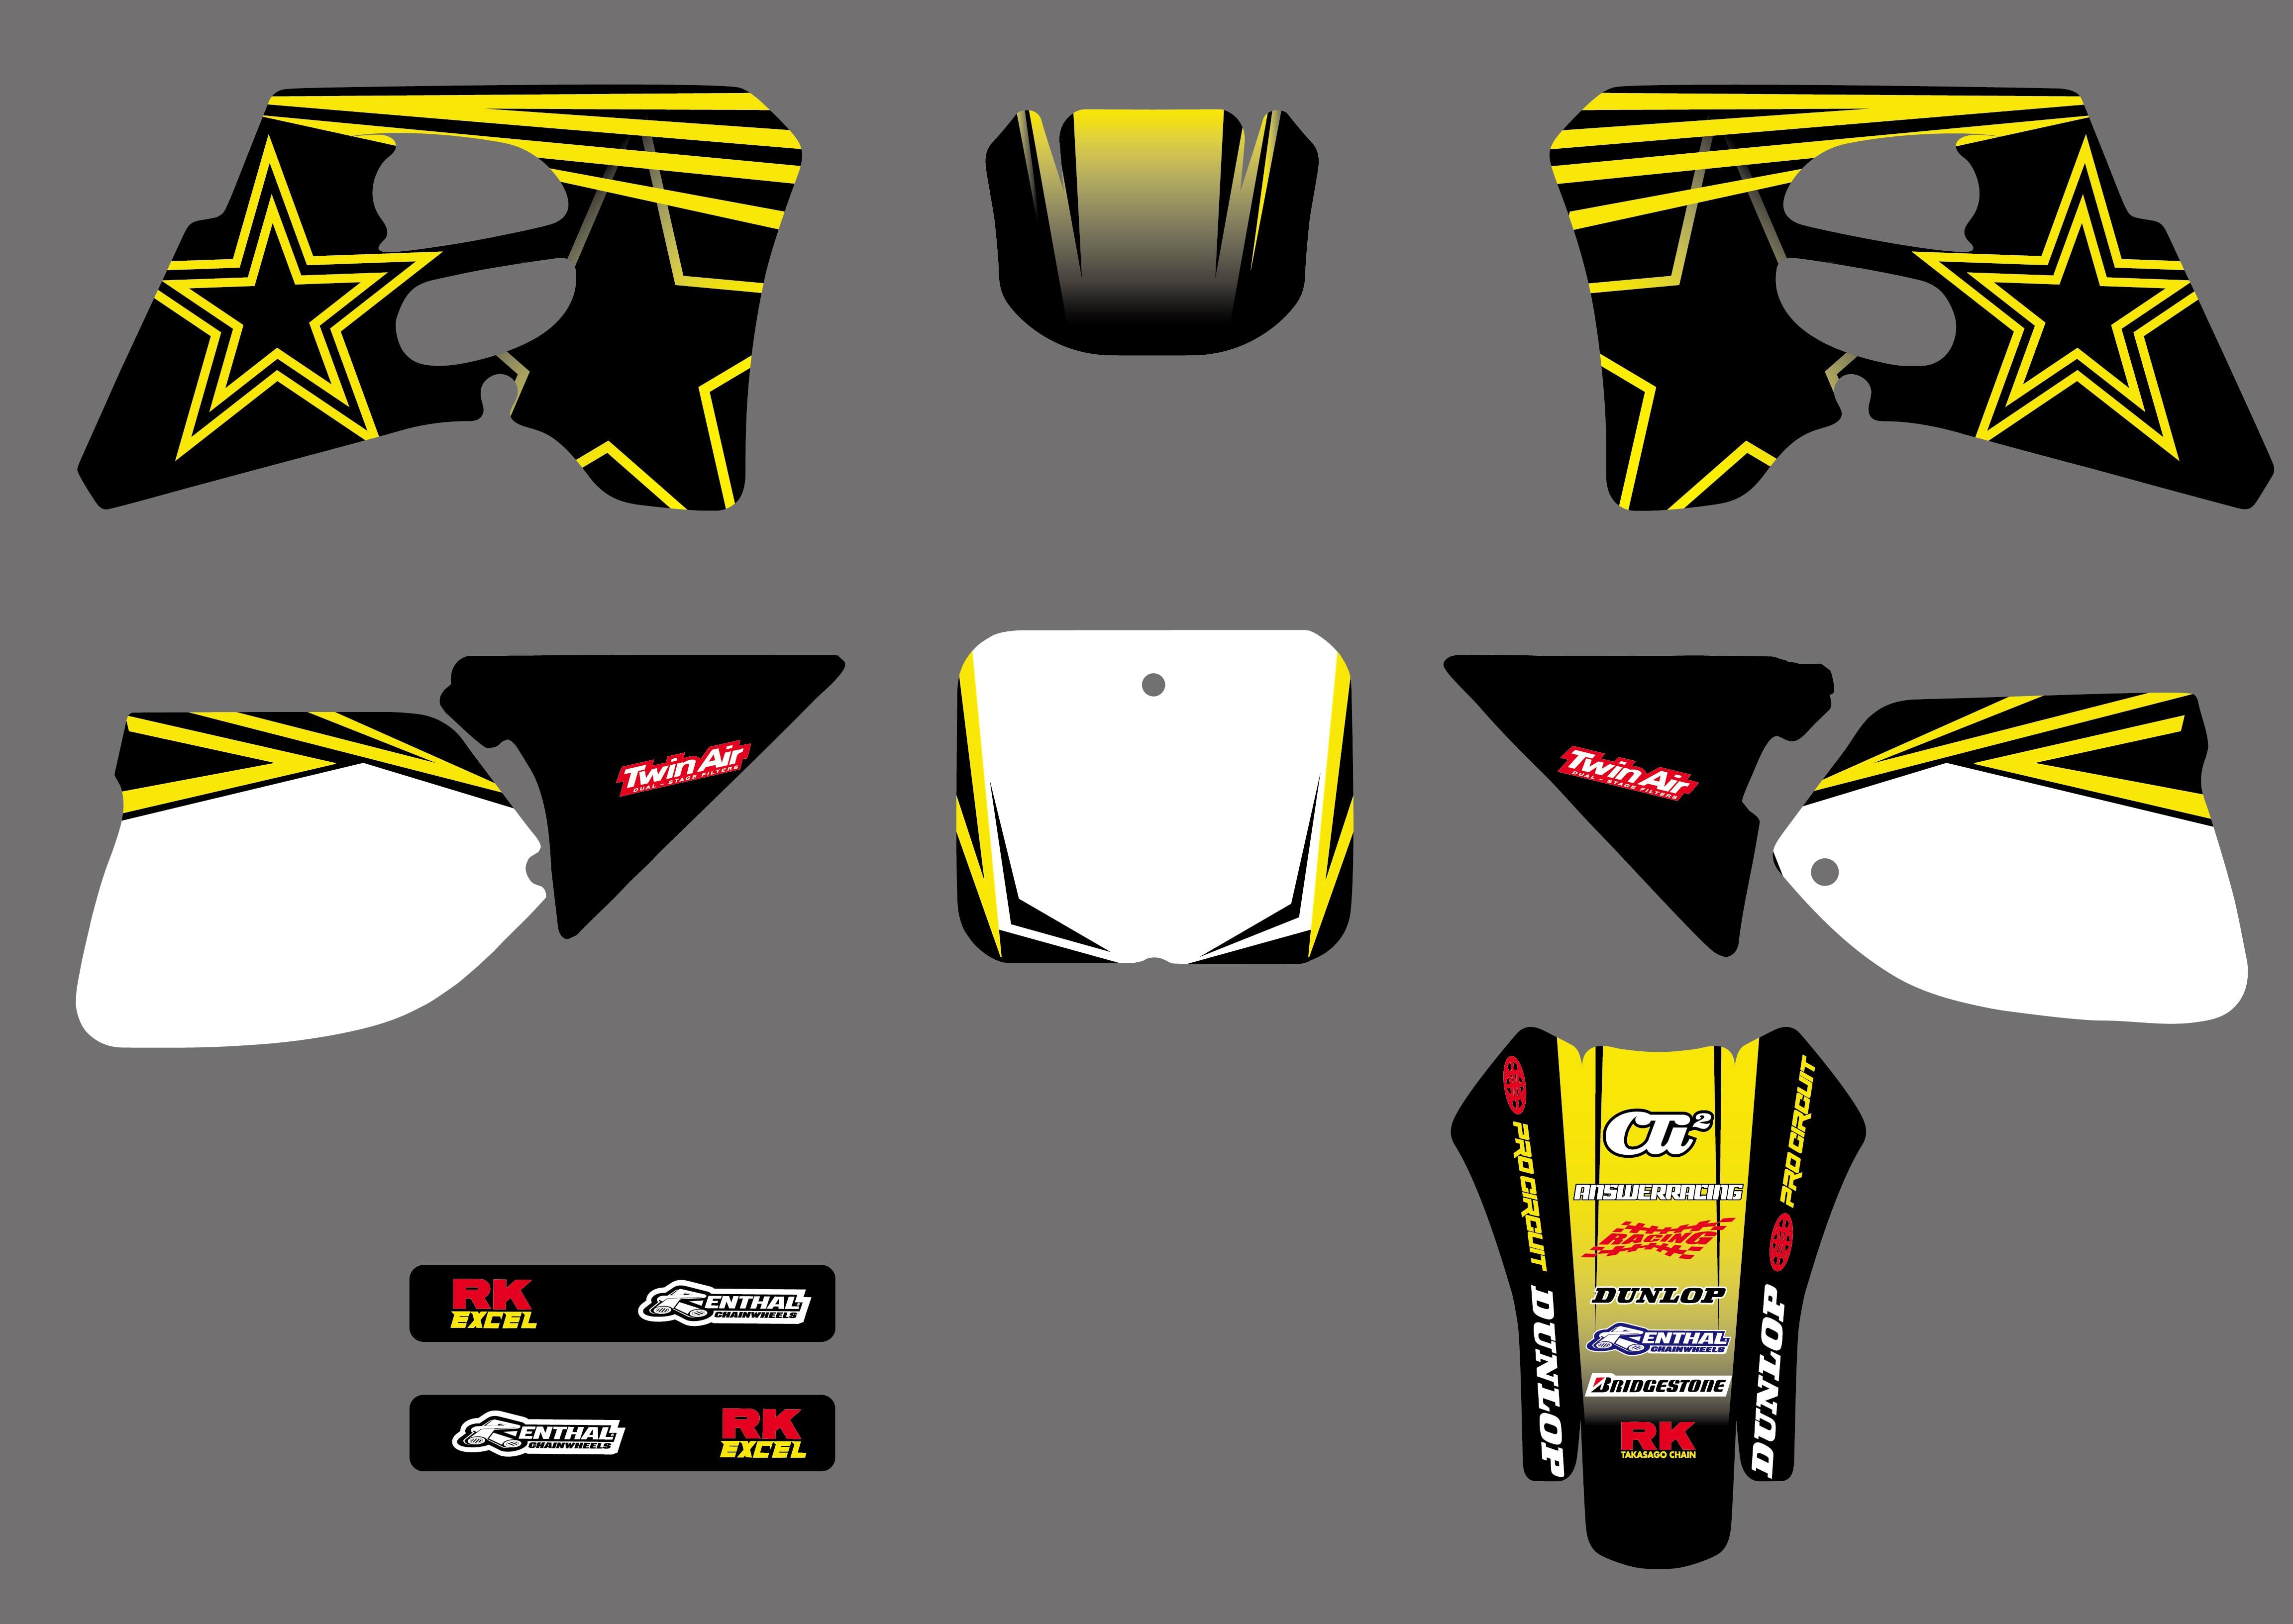 Motorrad Star Team Grafiken Hintergründe Abziehbilder Aufkleber Für Suzuki RM125 RM250 RM 125 250 1993 1994 1995